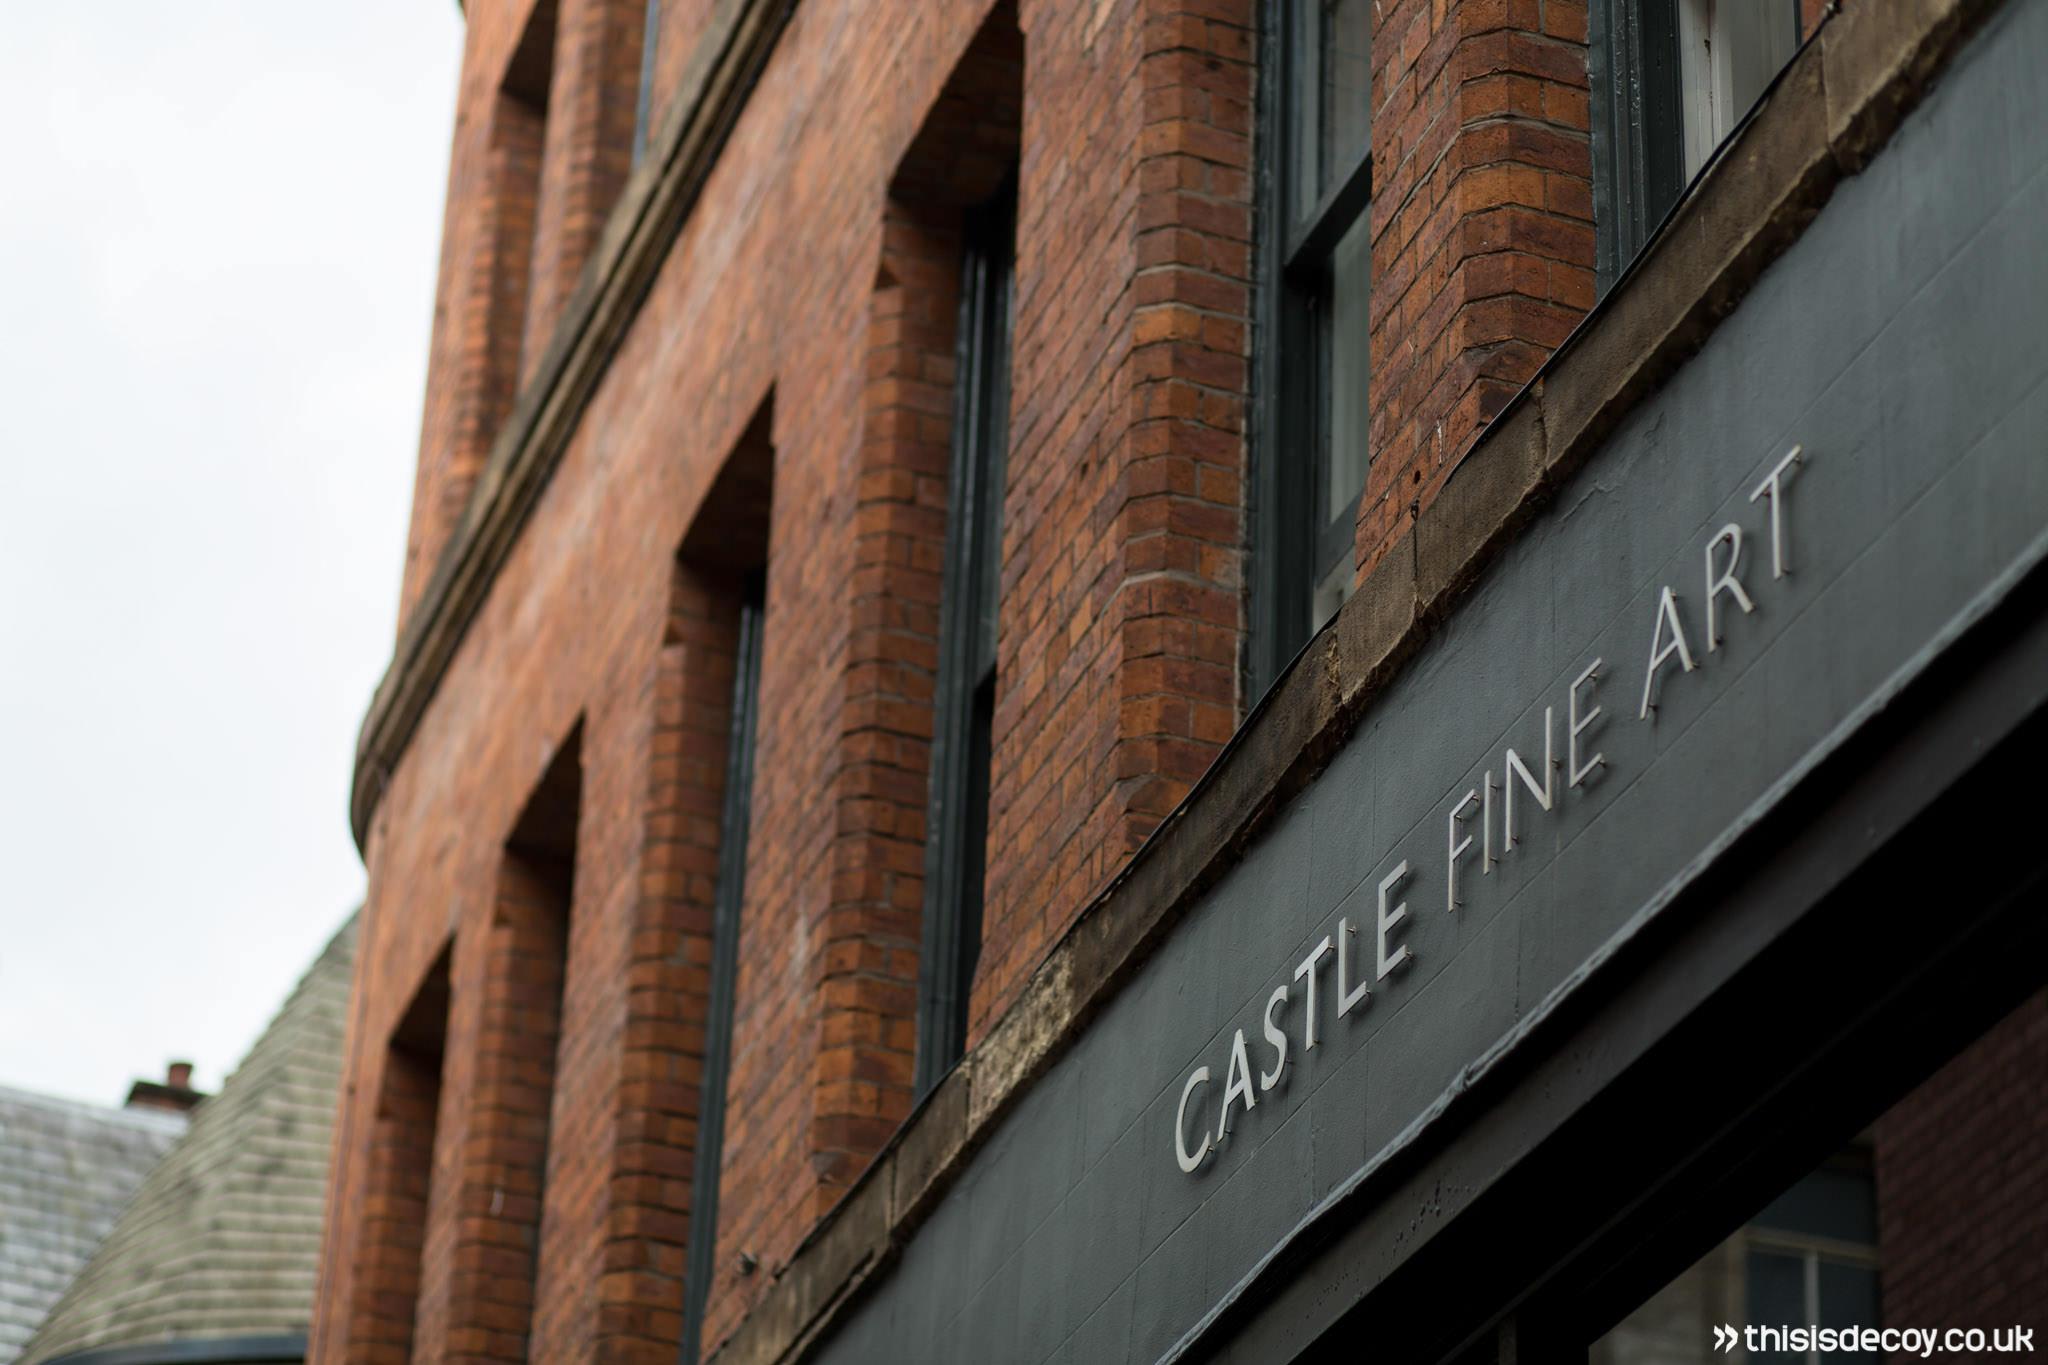 castle fine art manchester